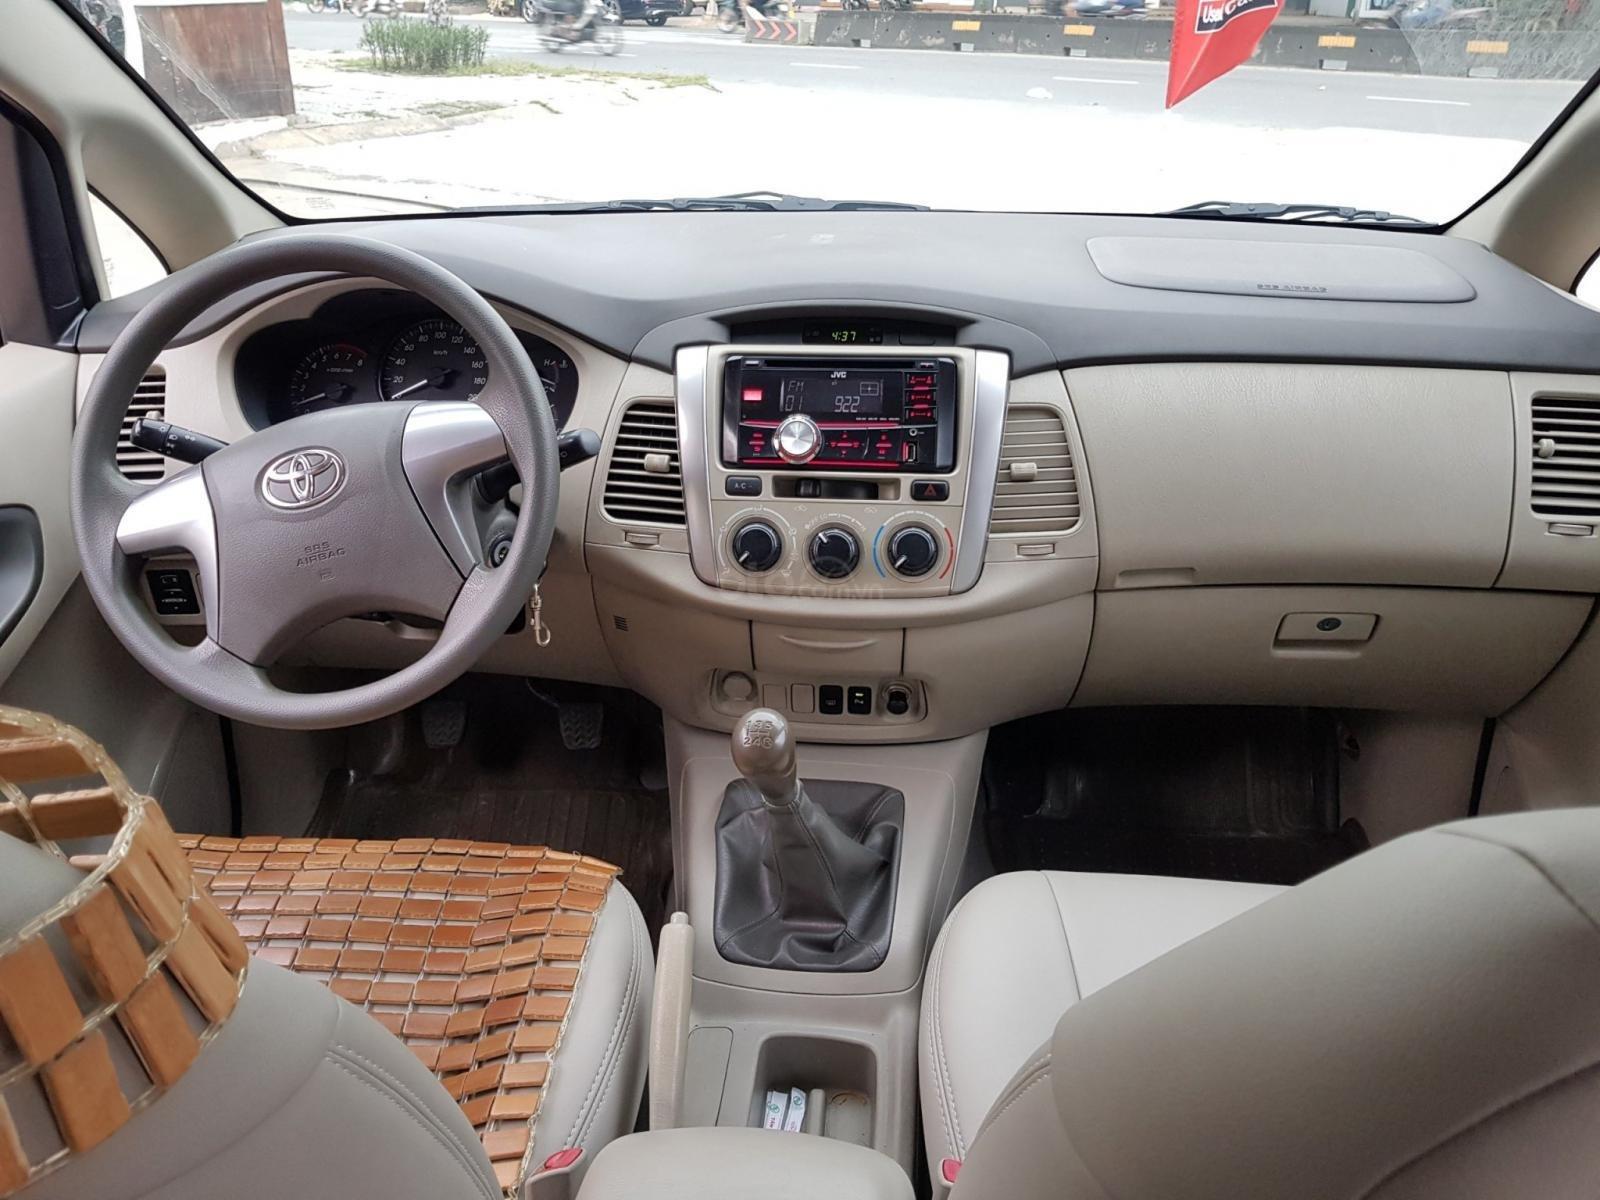 Chất xe tốt-giá mềm, Innova 2.0E 2014 số sàn, mẫu mới, màu bạc, hỗ trợ vay ạ (8)